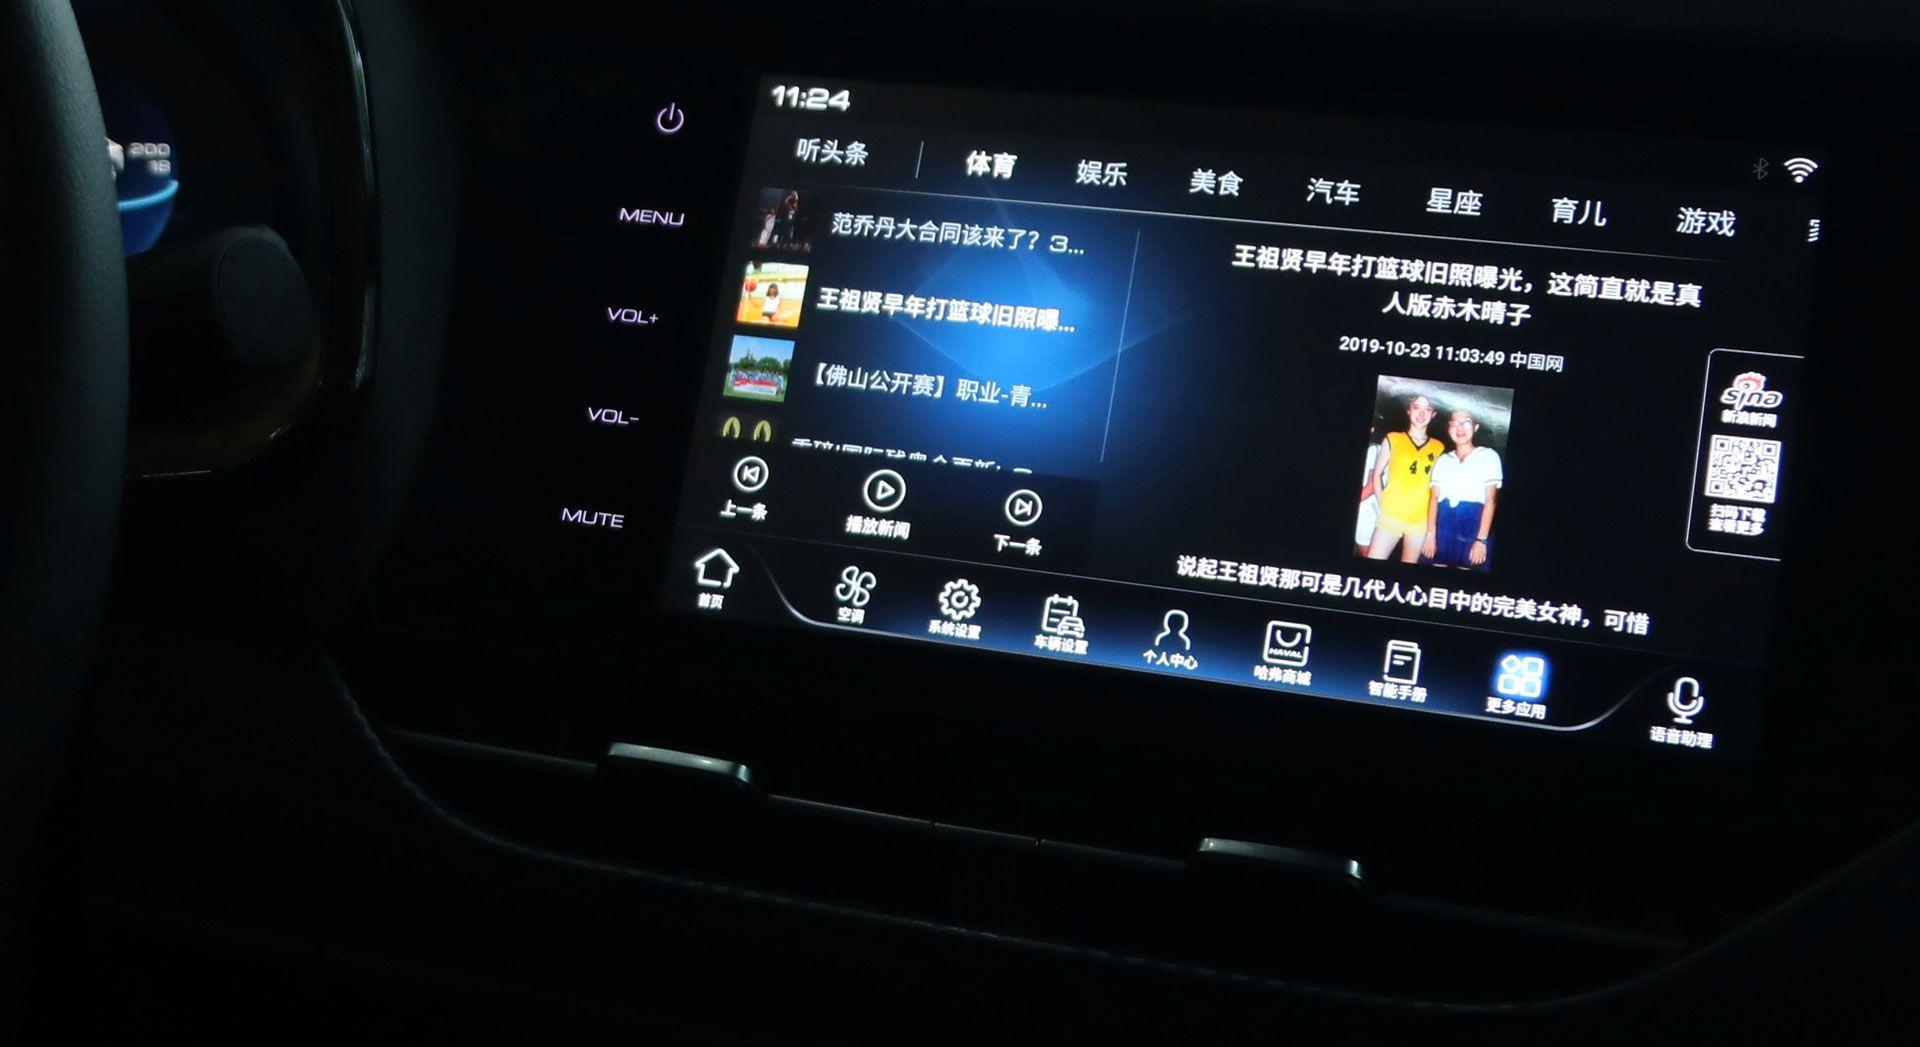 新浪新聞攜手長城汽車聚焦車載內容生態 為車賦能為人服務